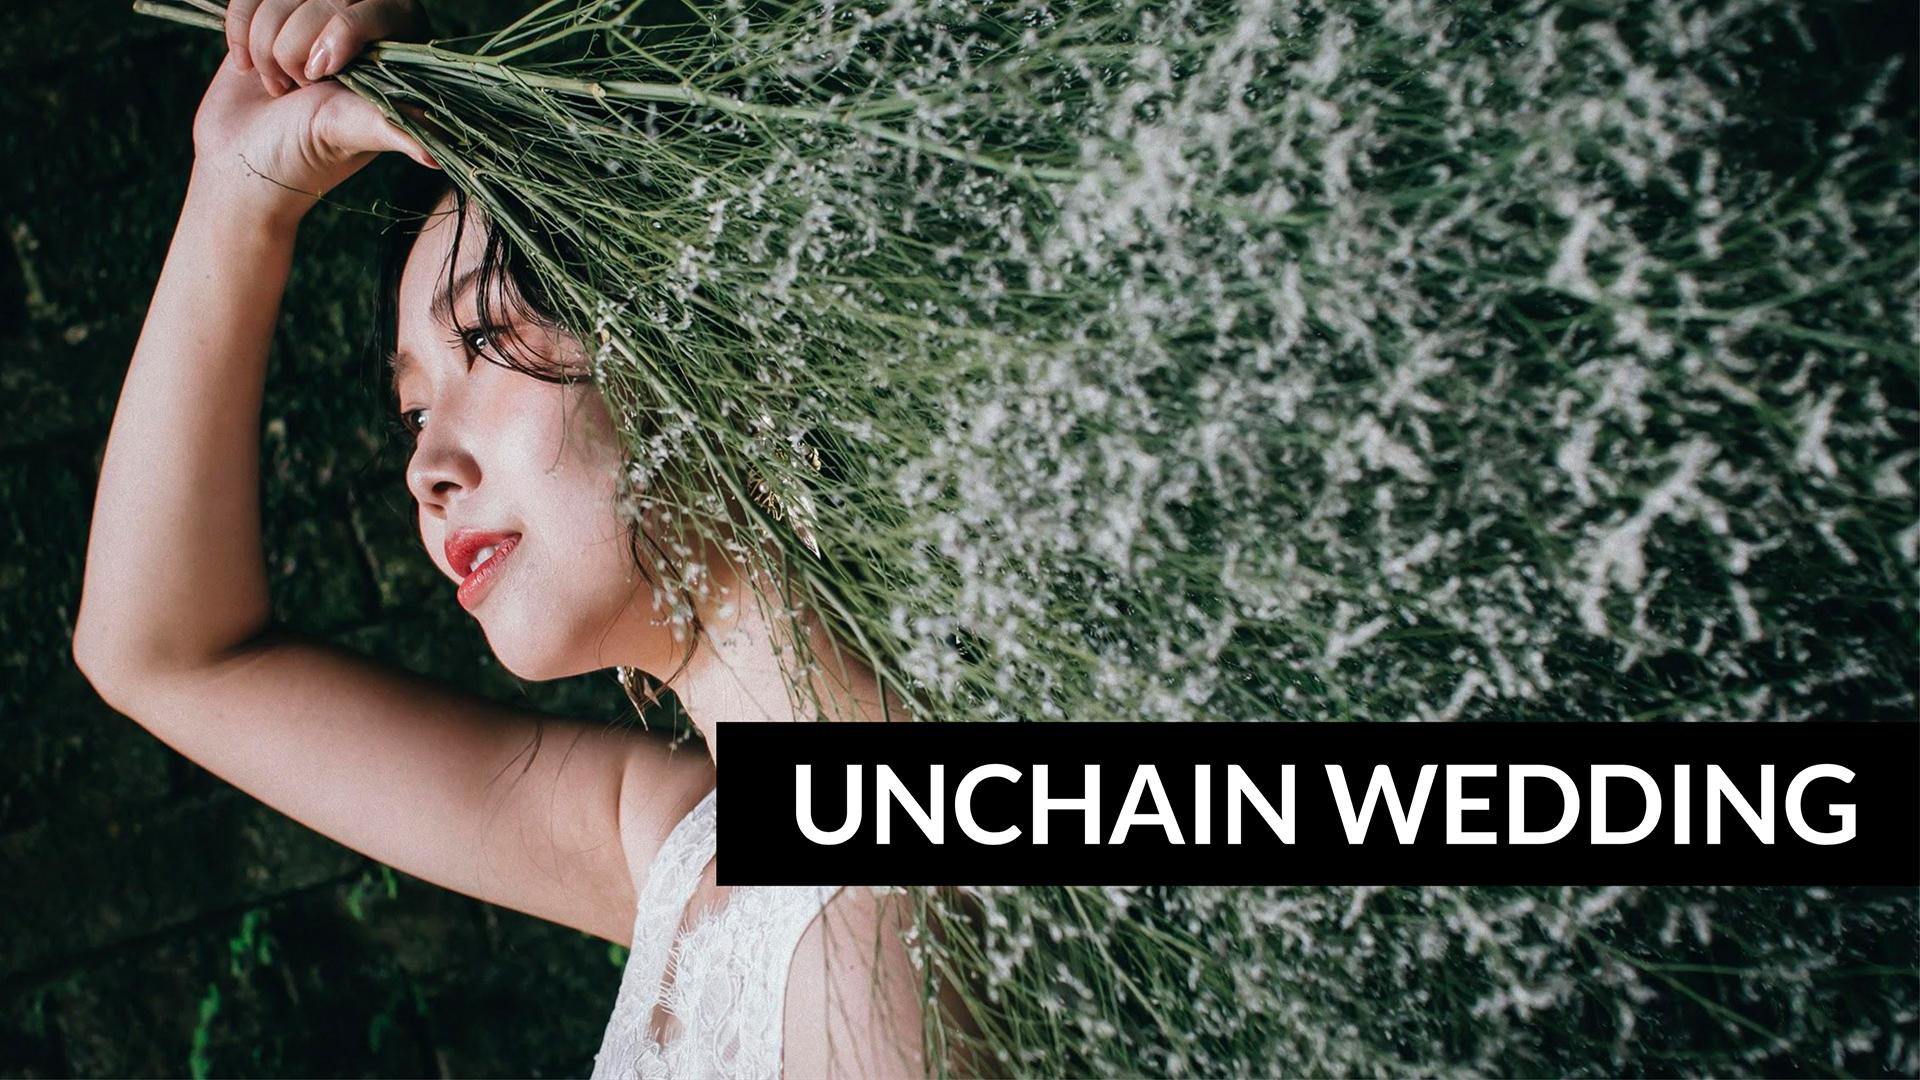 UNCHAIN WEDDING